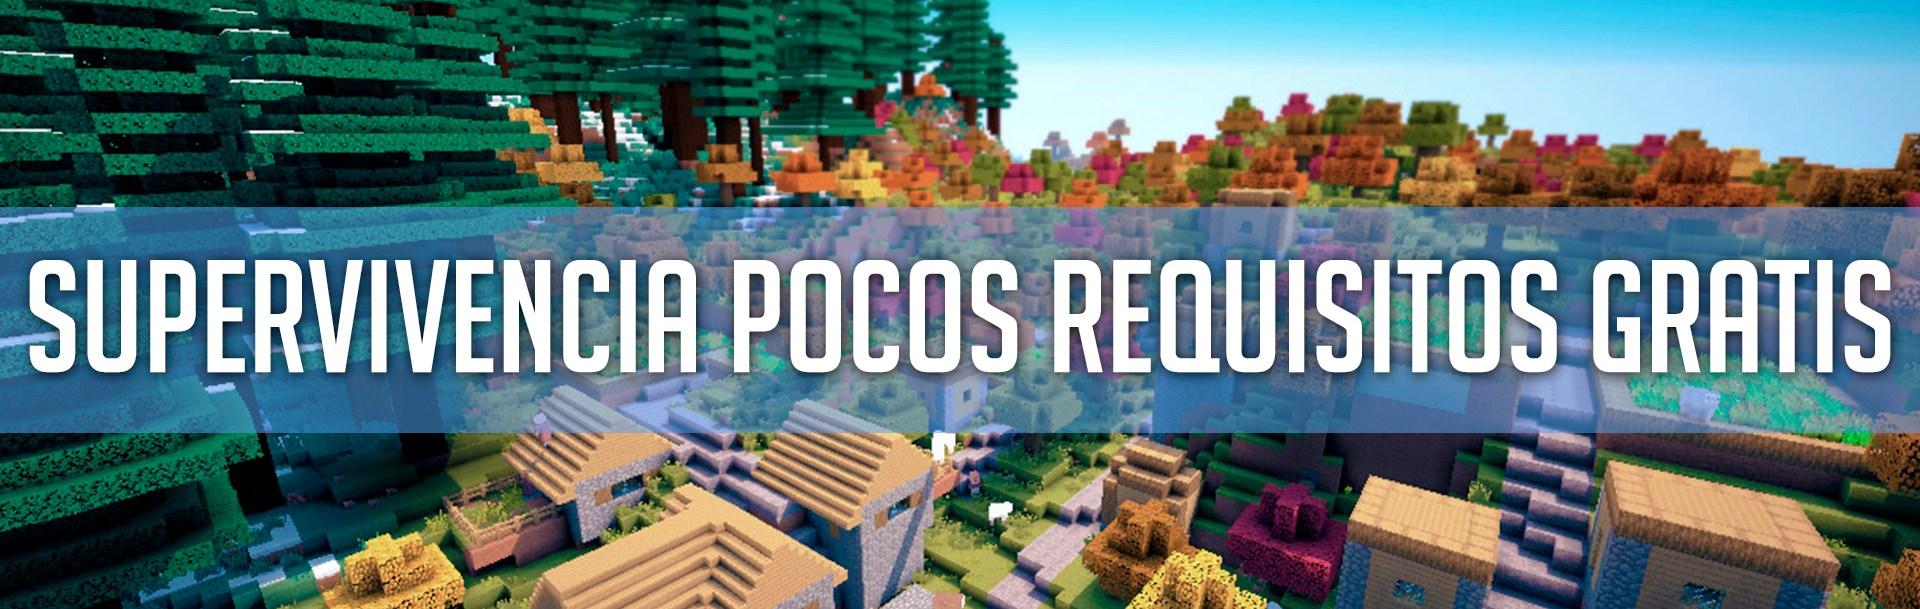 mini - 6 JUEGOS DE SUPERVIVENCIA DE POCOS REQUISITOS GRATIS